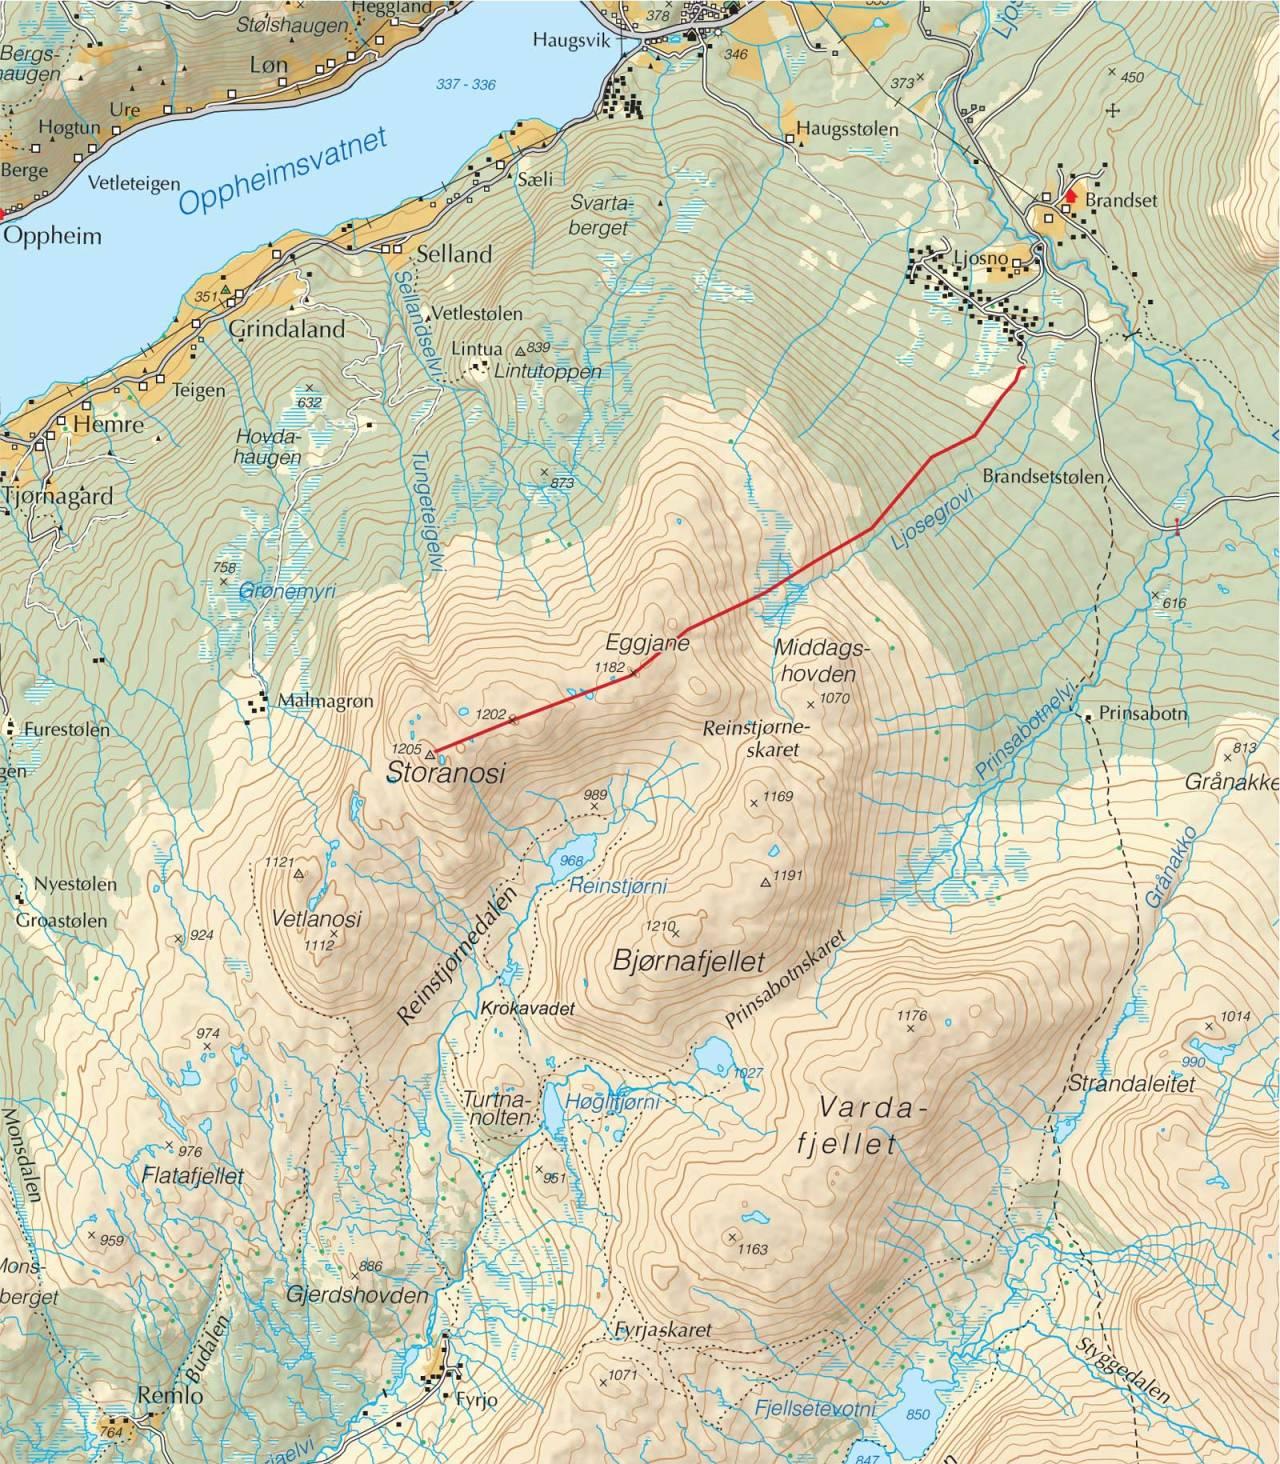 Kart over Storanosi med inntegnet rute. Fra Trygge toppturer.